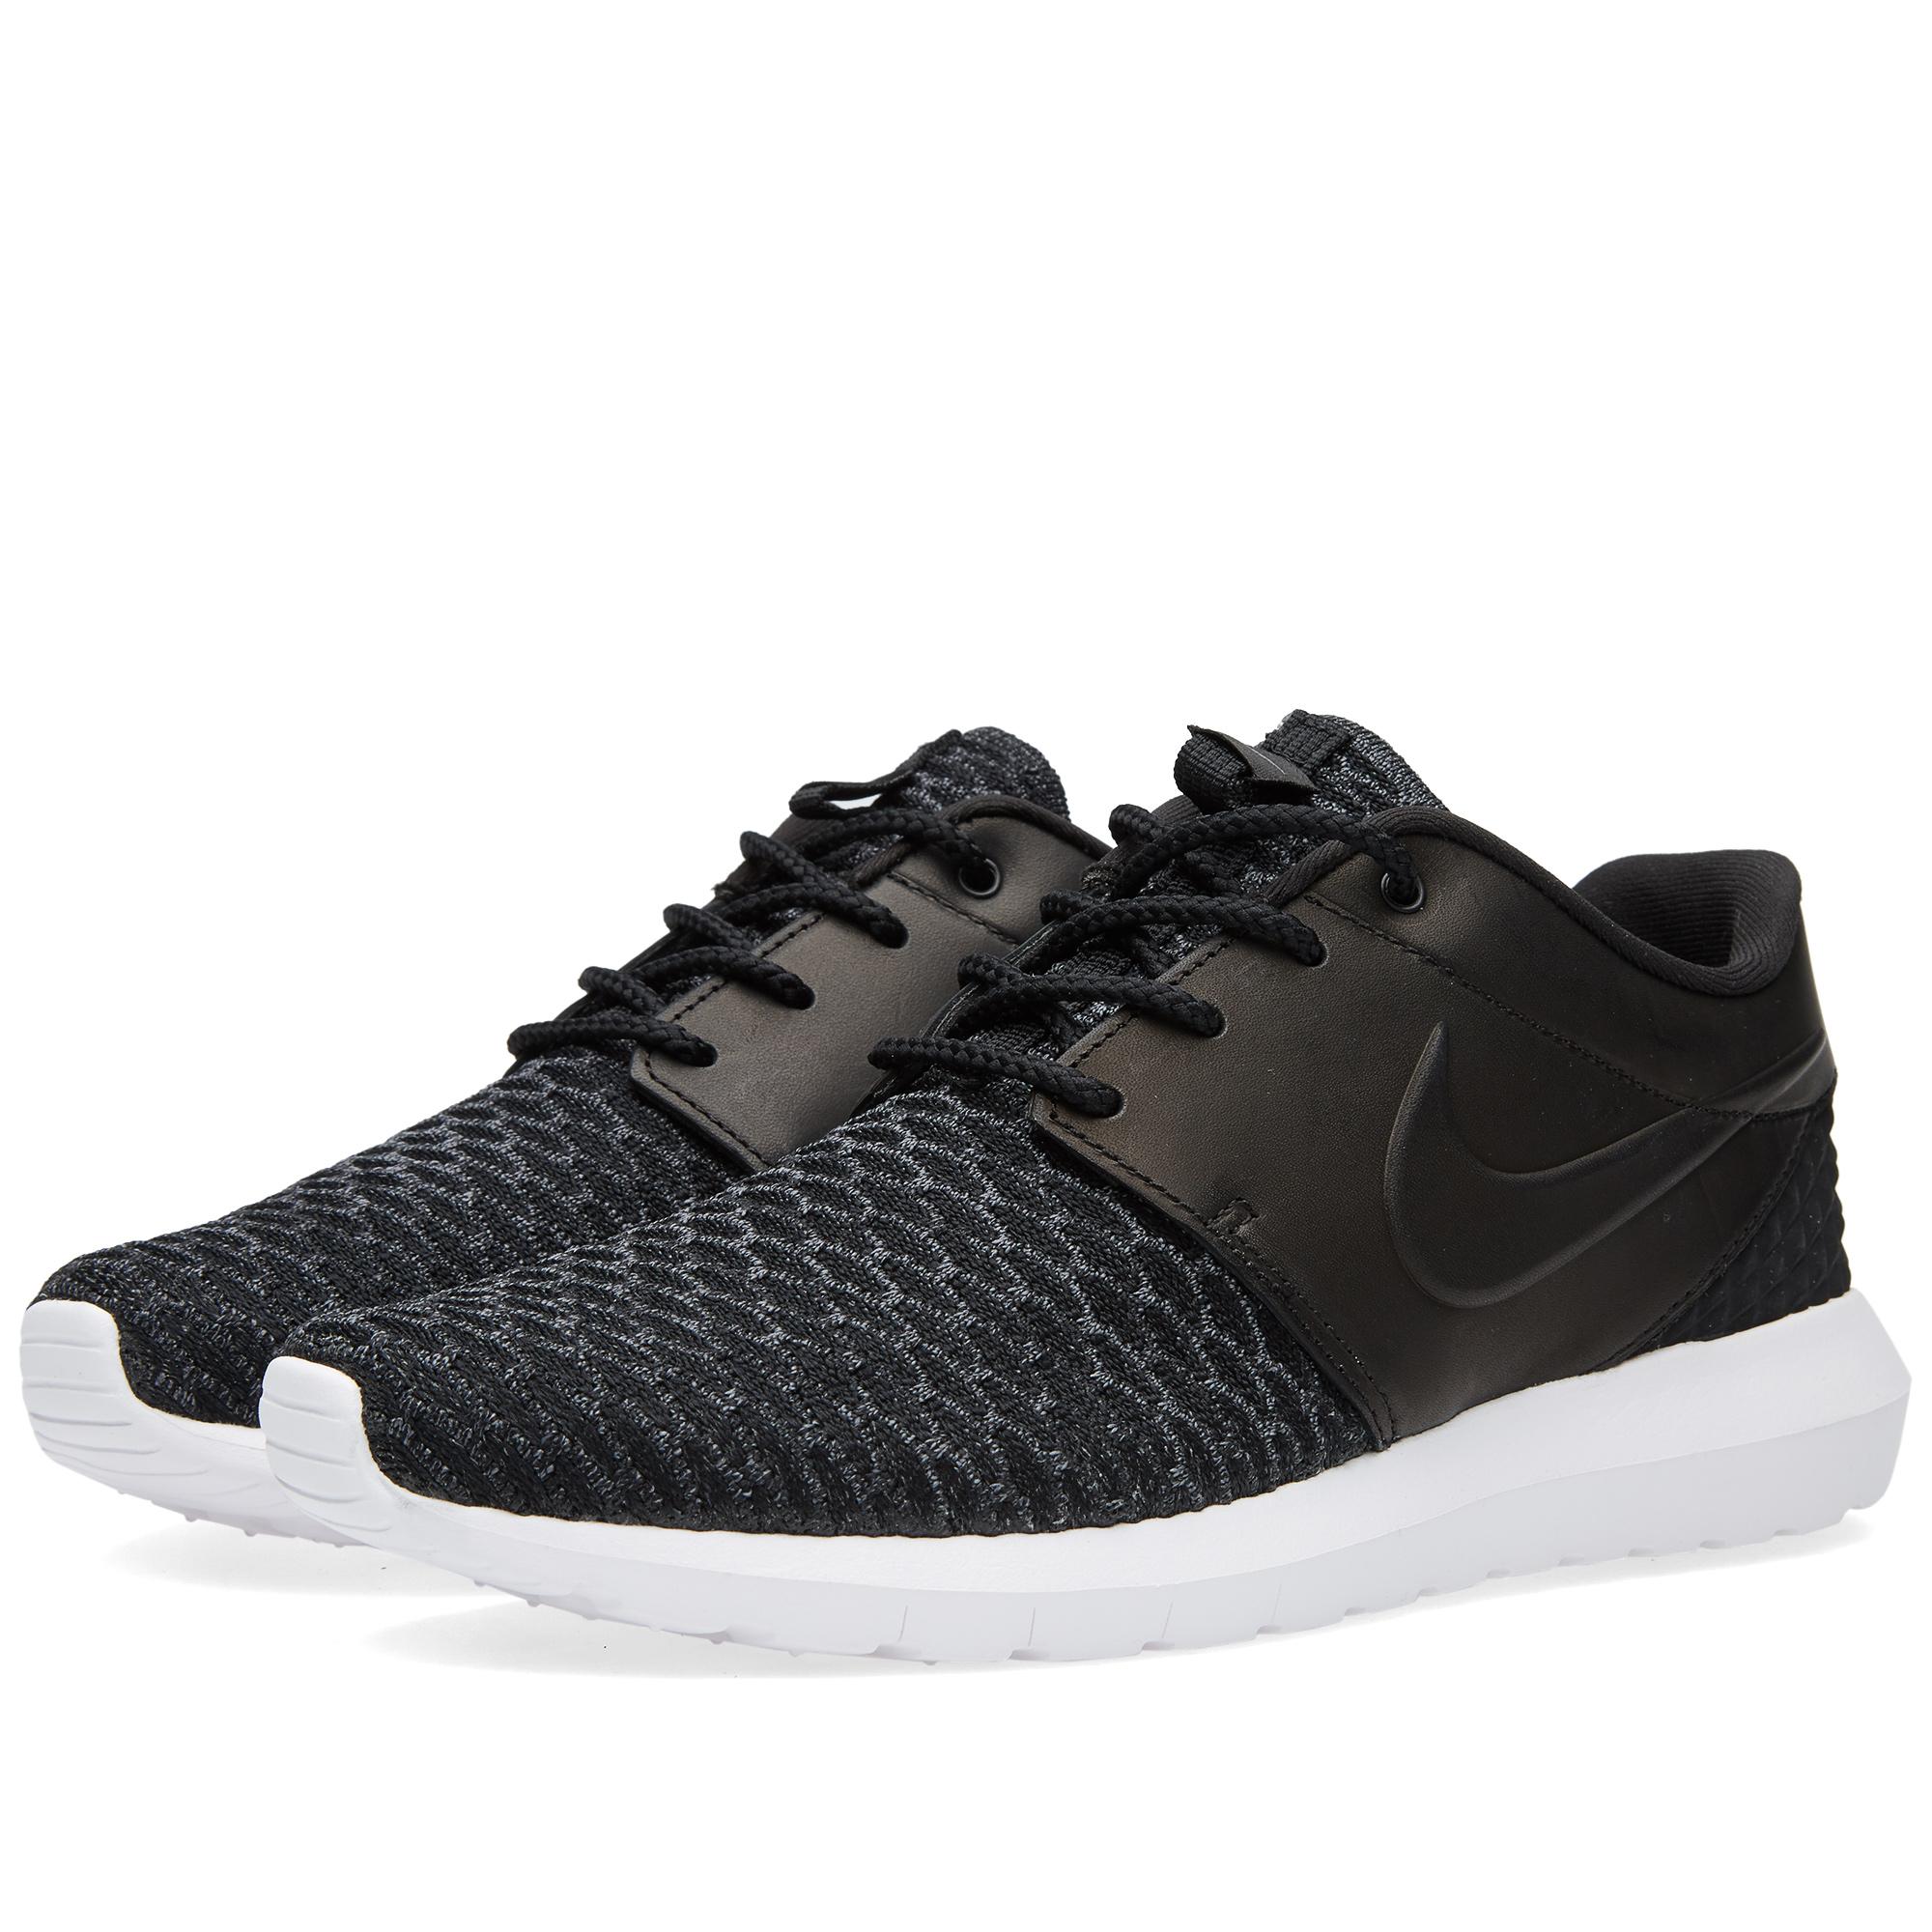 Nike Roshe Run Flyknit Premium Black